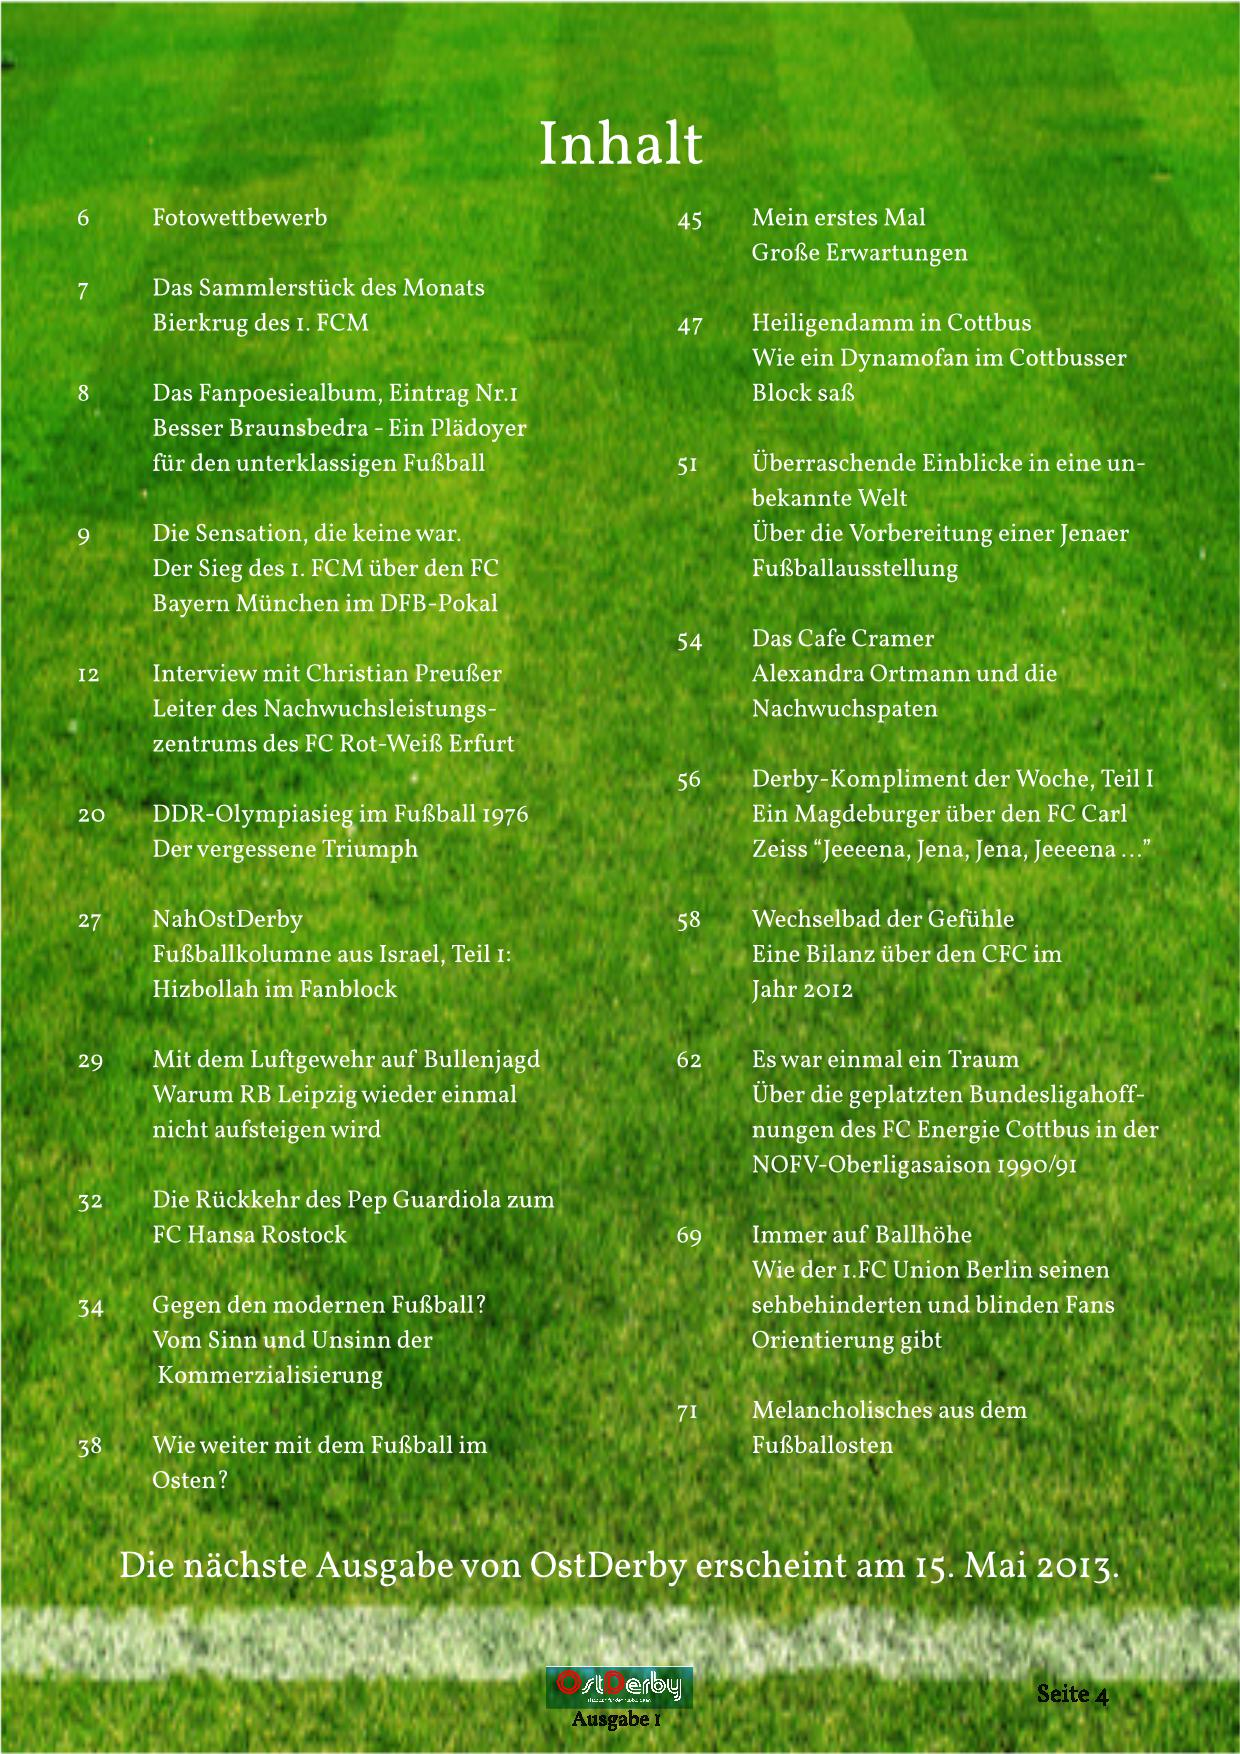 OstDerby Ausgabe 1 - Inhaltsverzeichnis